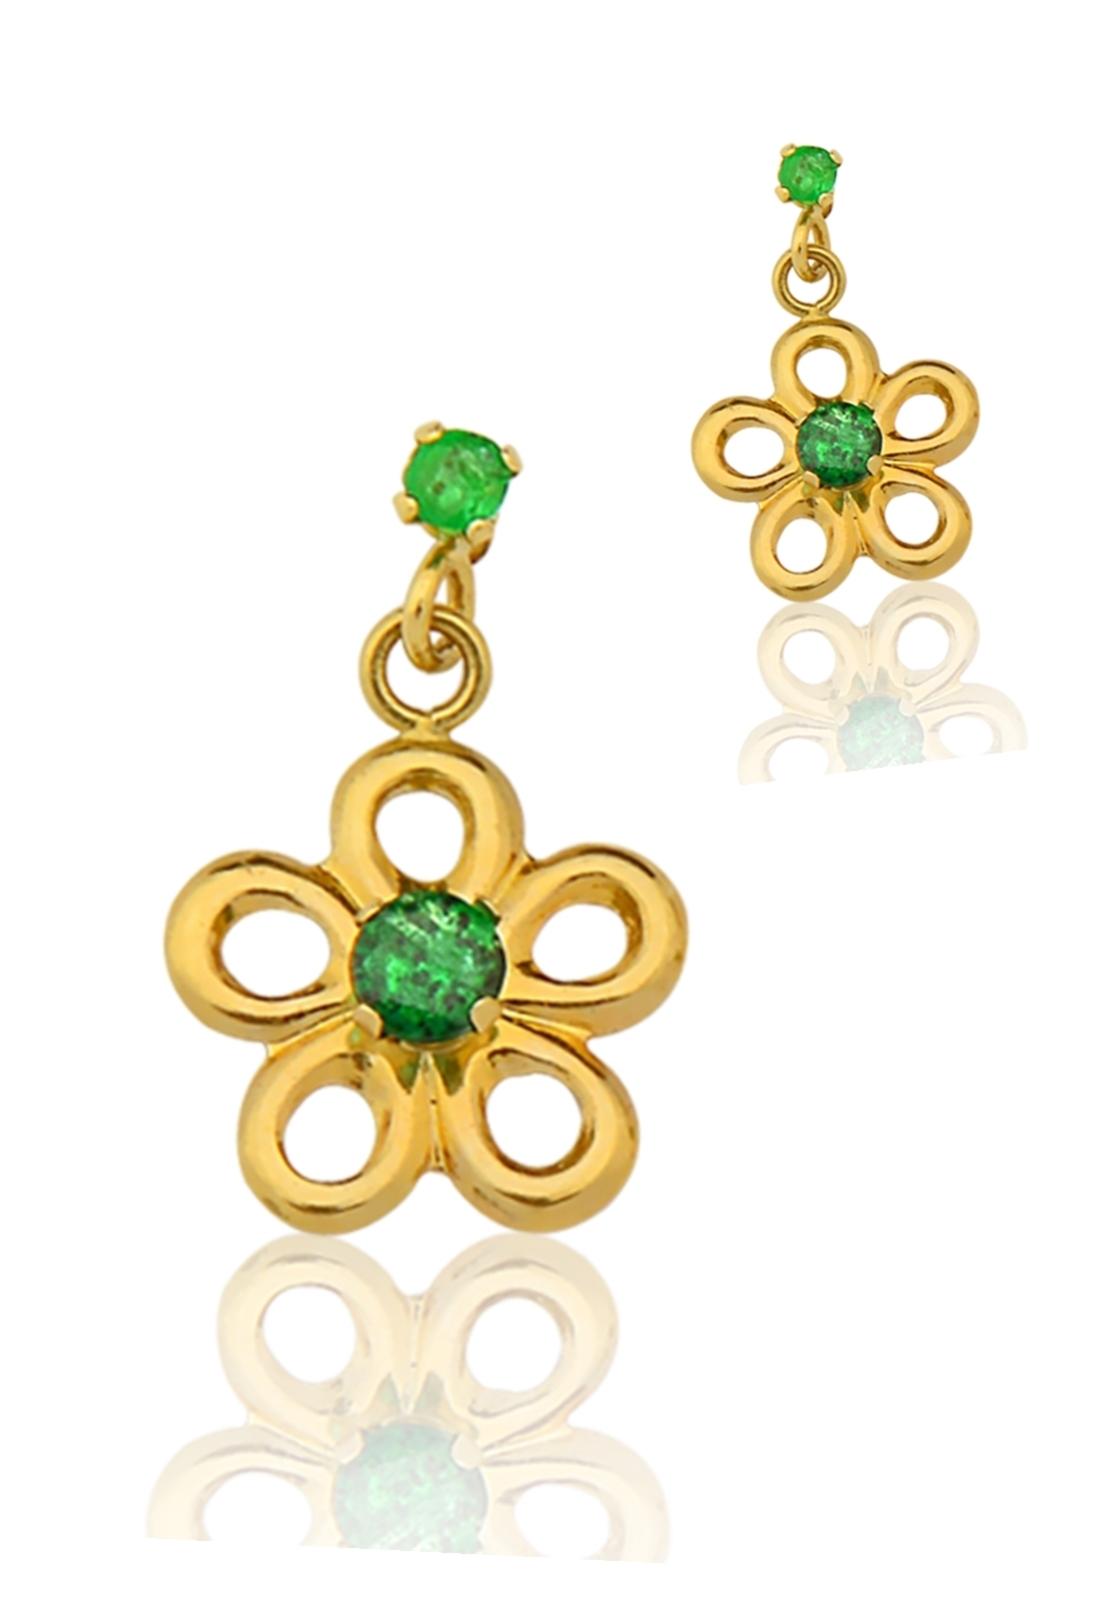 Brinco Le diamond Flor de Ouro 14k com Pedras Verde Esmeralda